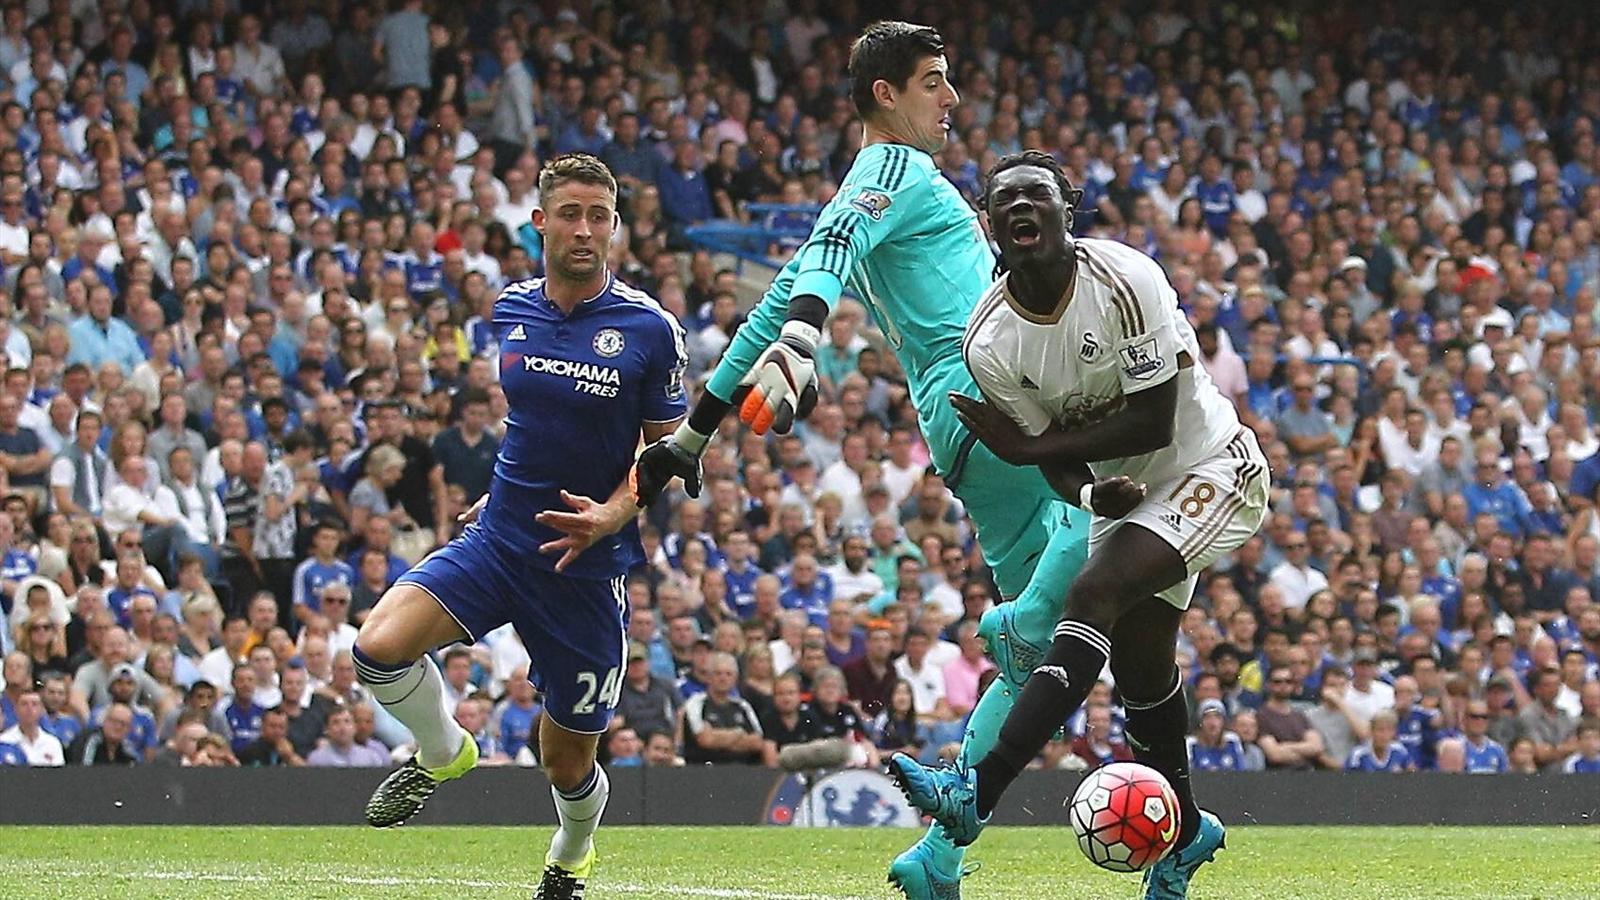 Chelseas Thibaut Courtois Ban Appeal Fails